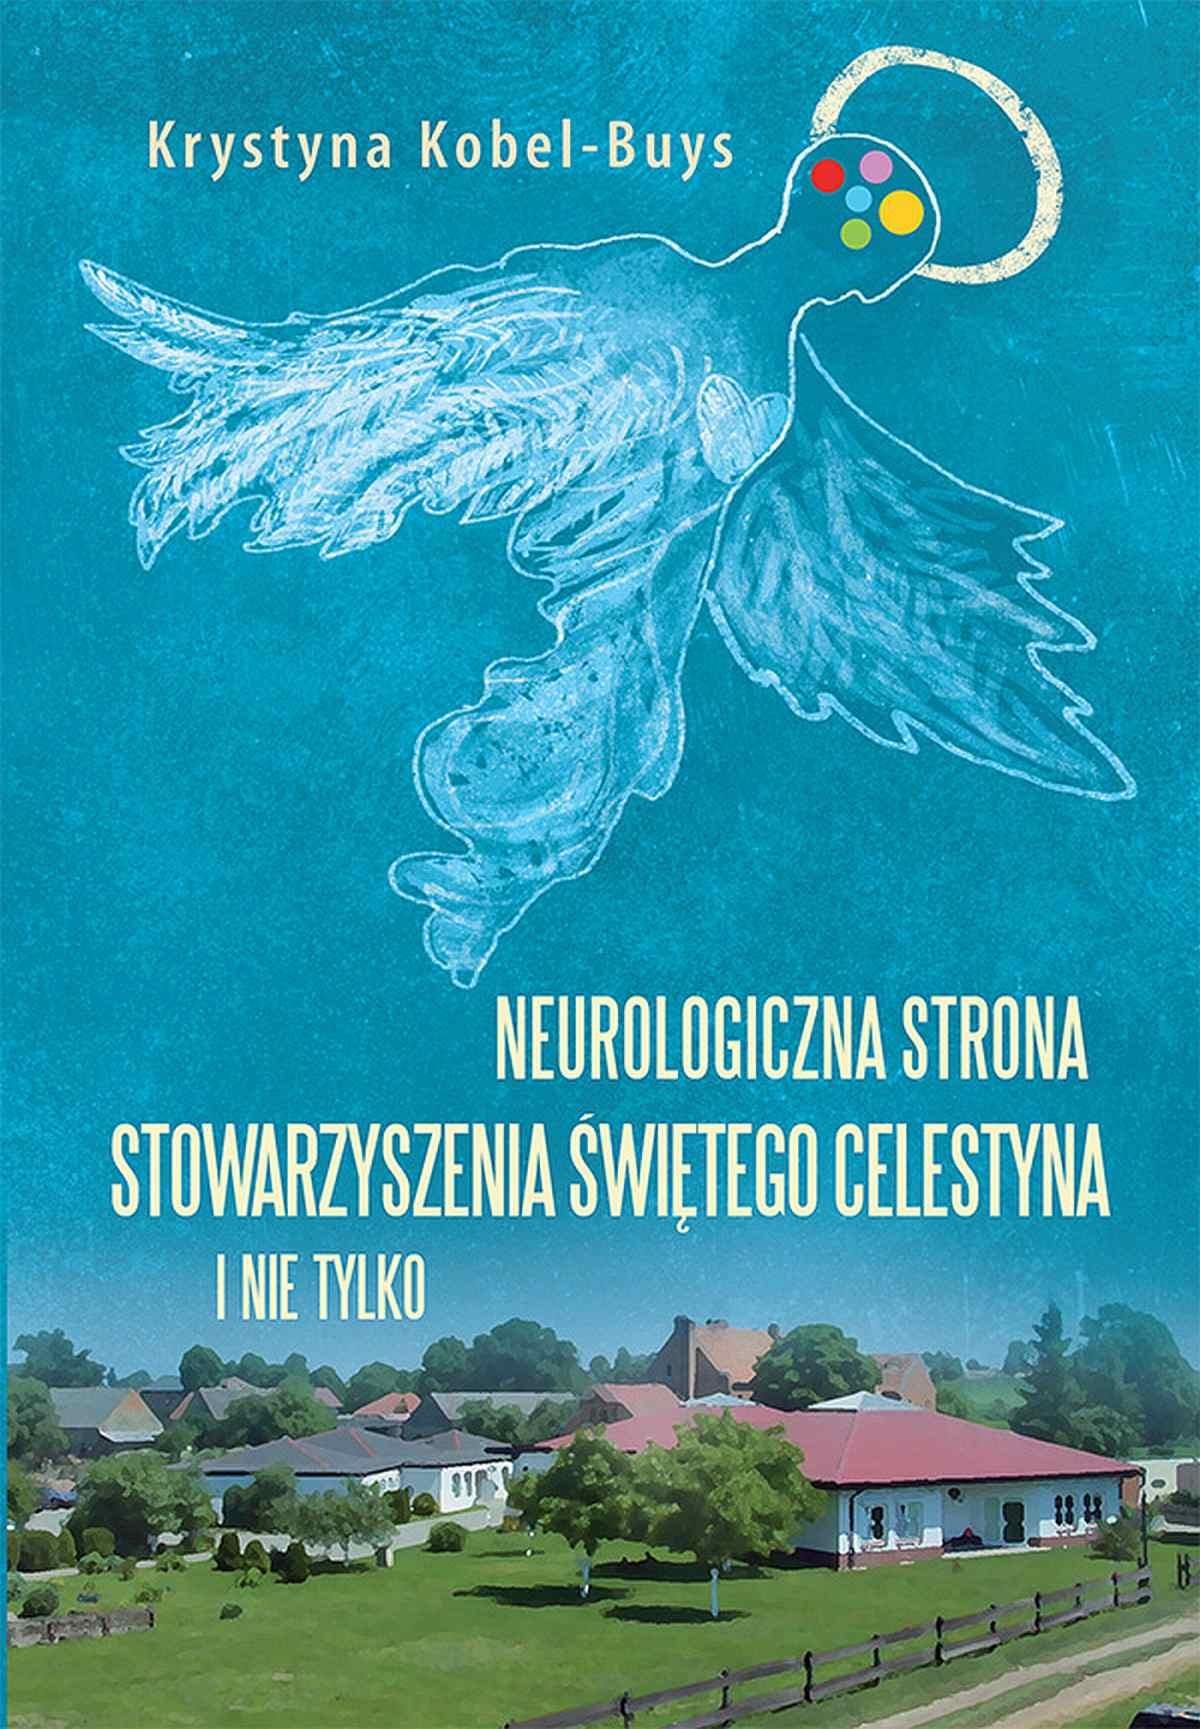 Neurologiczna strona Stowarzyszenia Świętego Celestyna i nie tylko - Ebook (Książka na Kindle) do pobrania w formacie MOBI